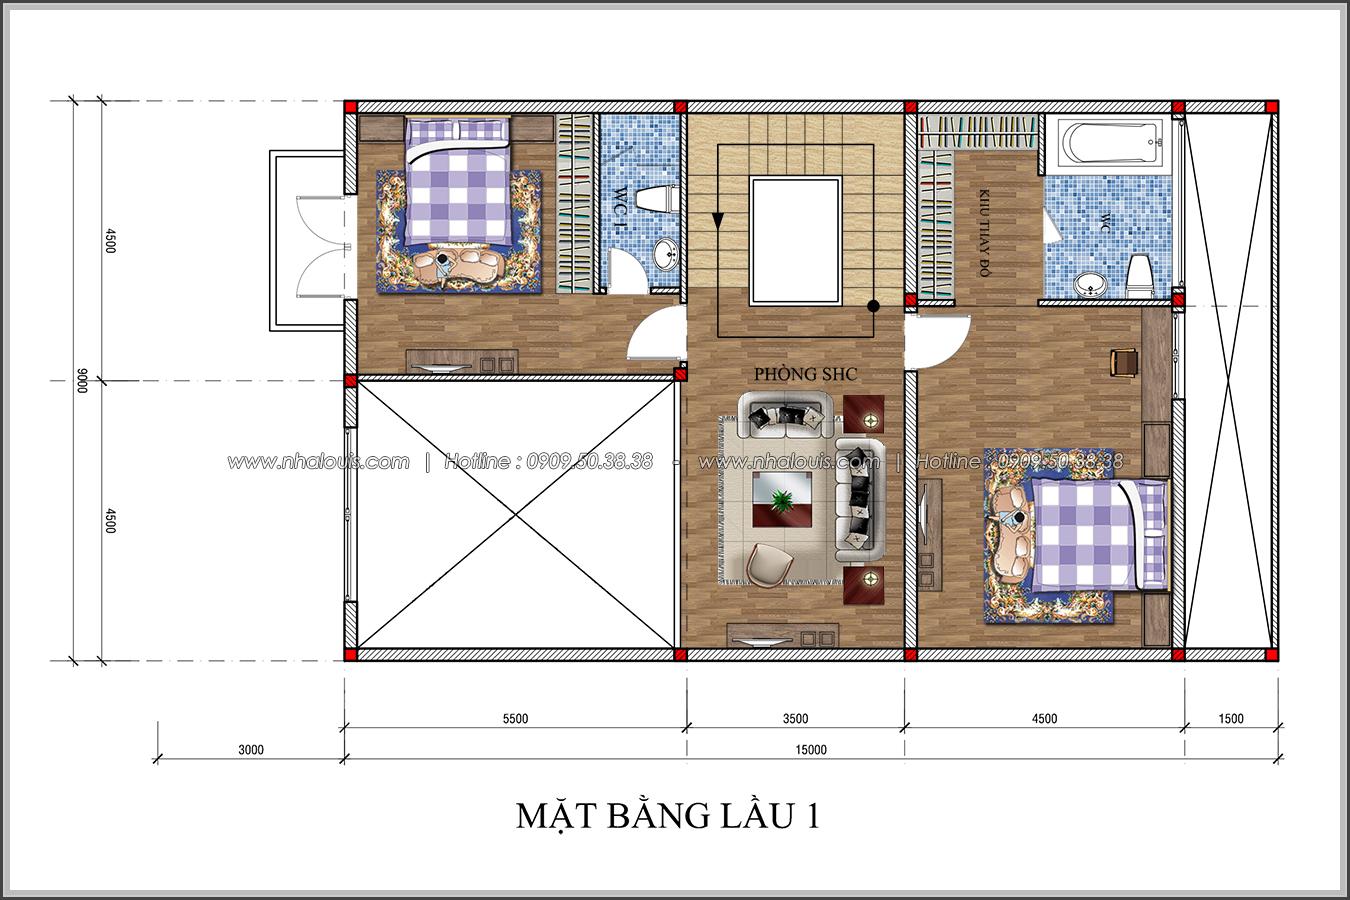 Thiết kế biệt thự tân cổ điển tại Đồng Nai đẹp rạng ngời phố thị - 04